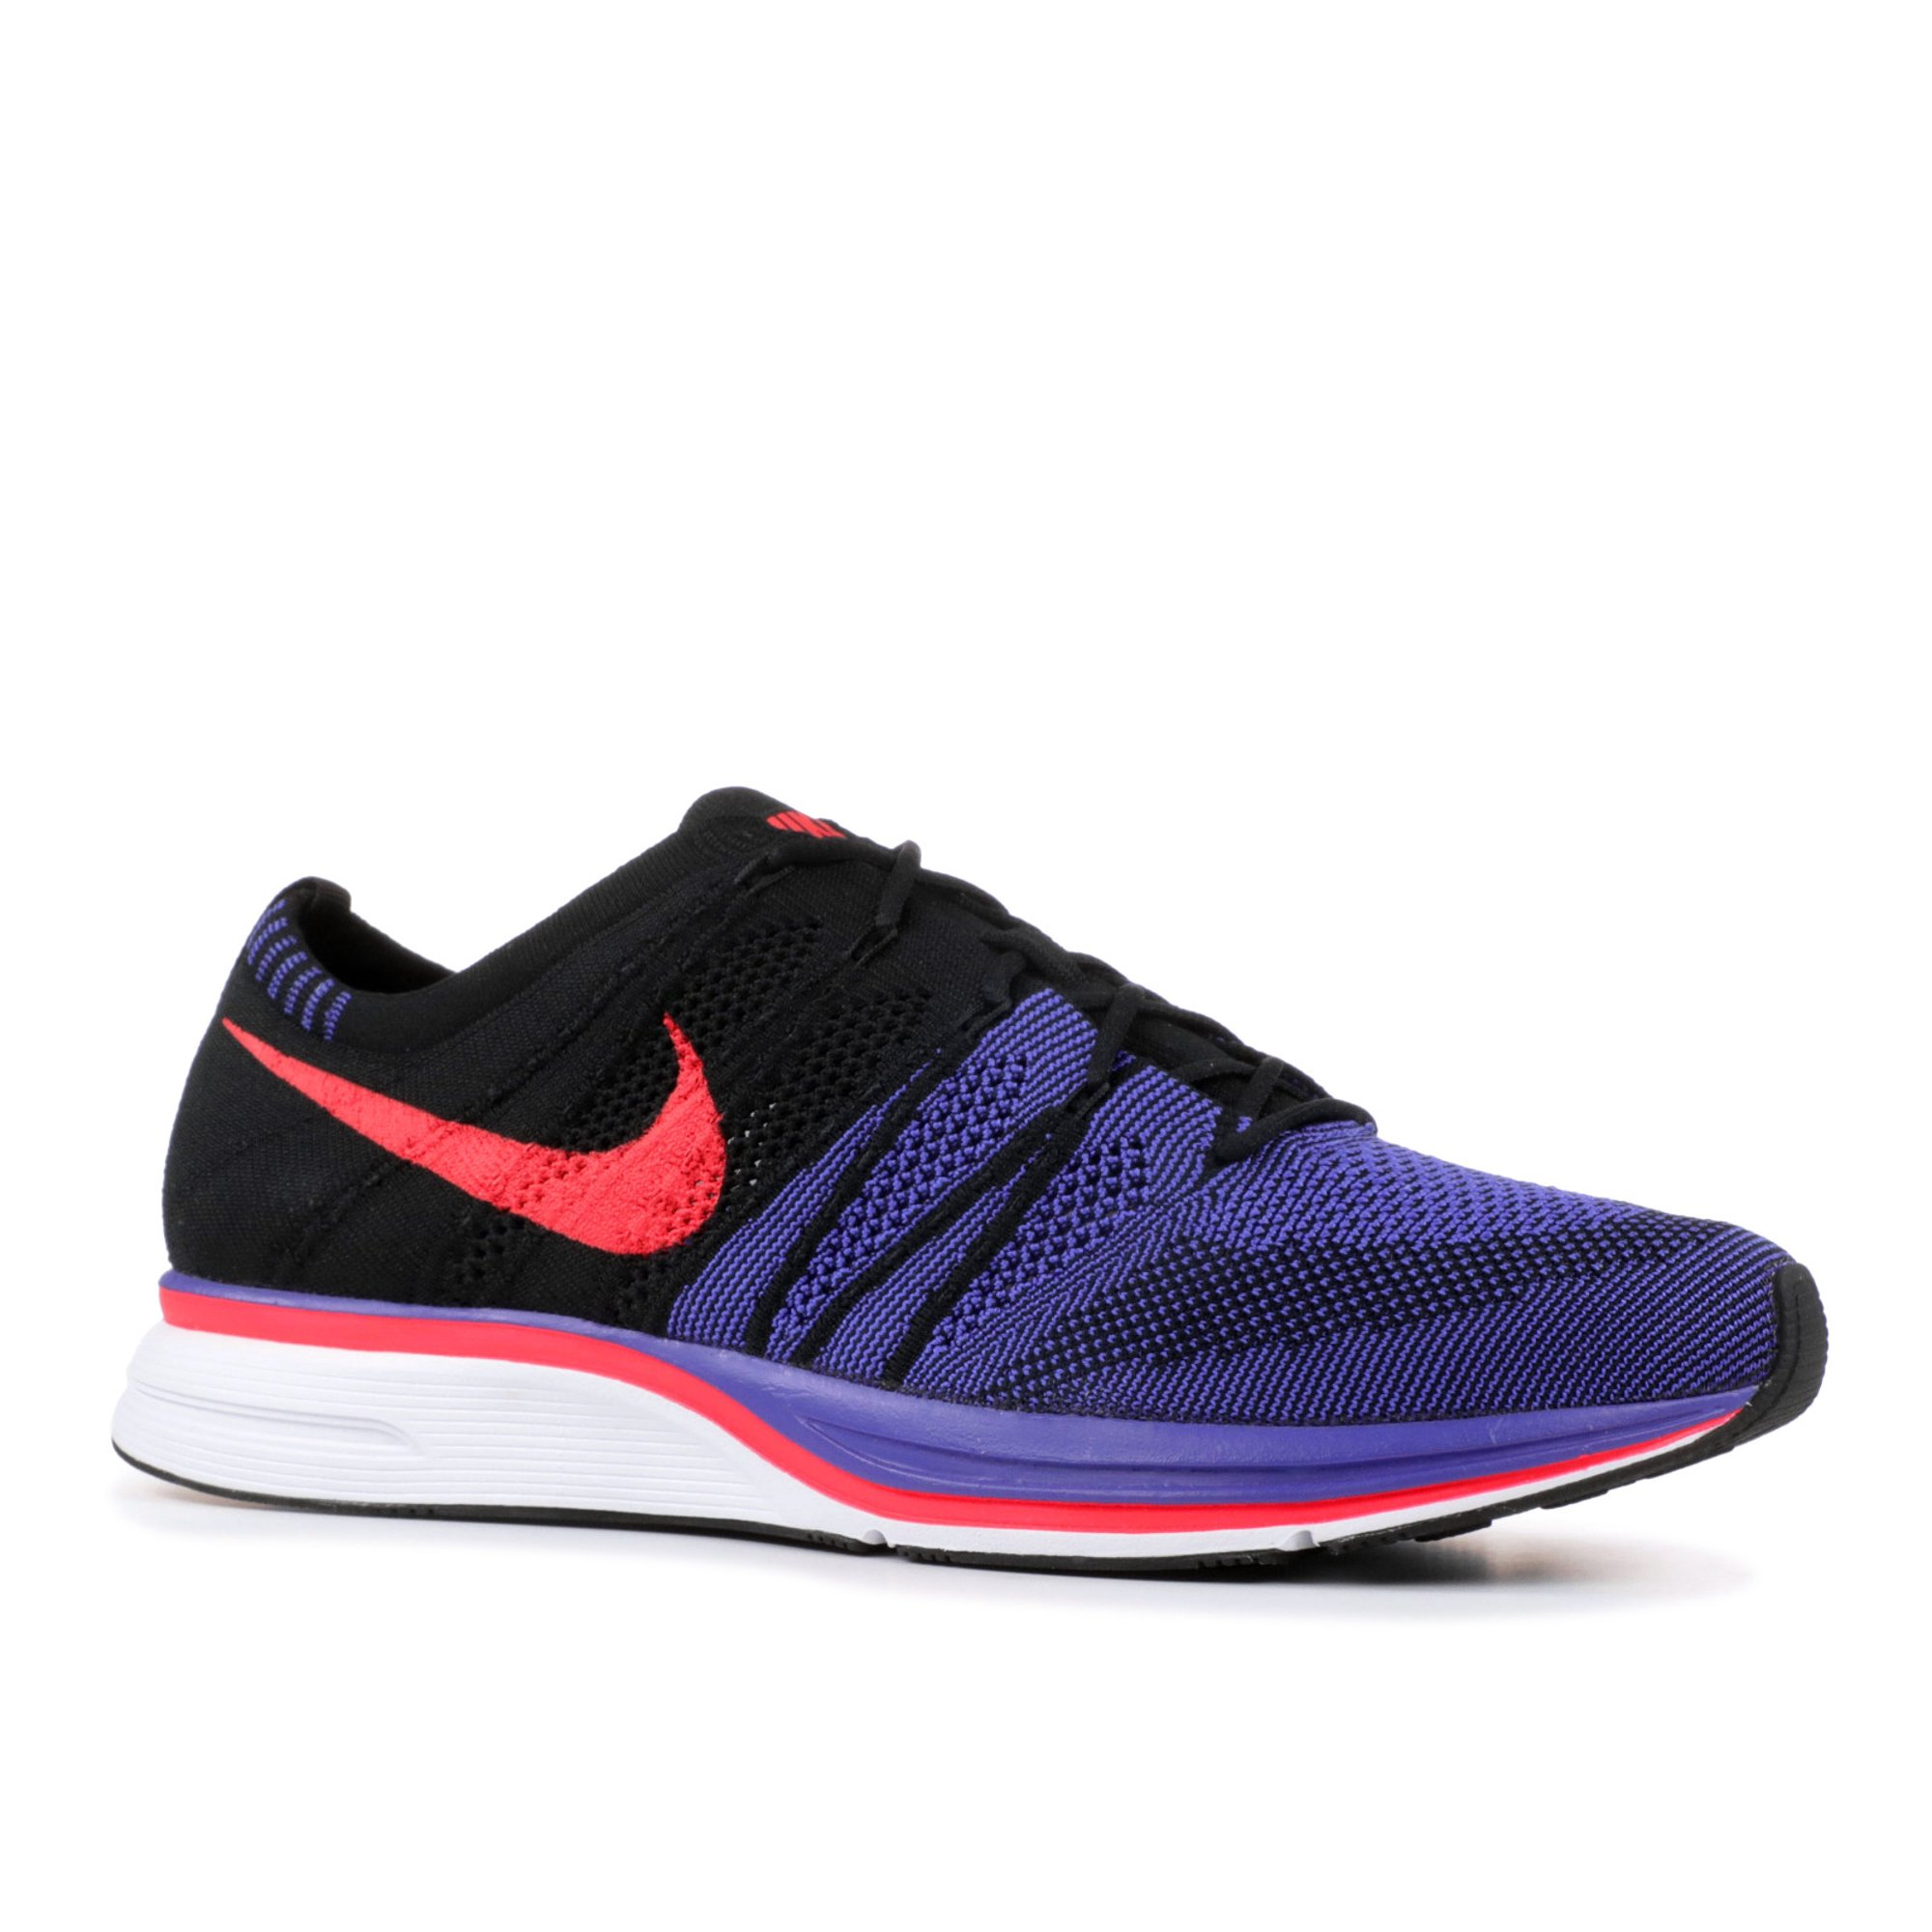 8457719022ae Nike - Men - Nike Flyknit Trainer - Ah8396-003 - Size 7.5